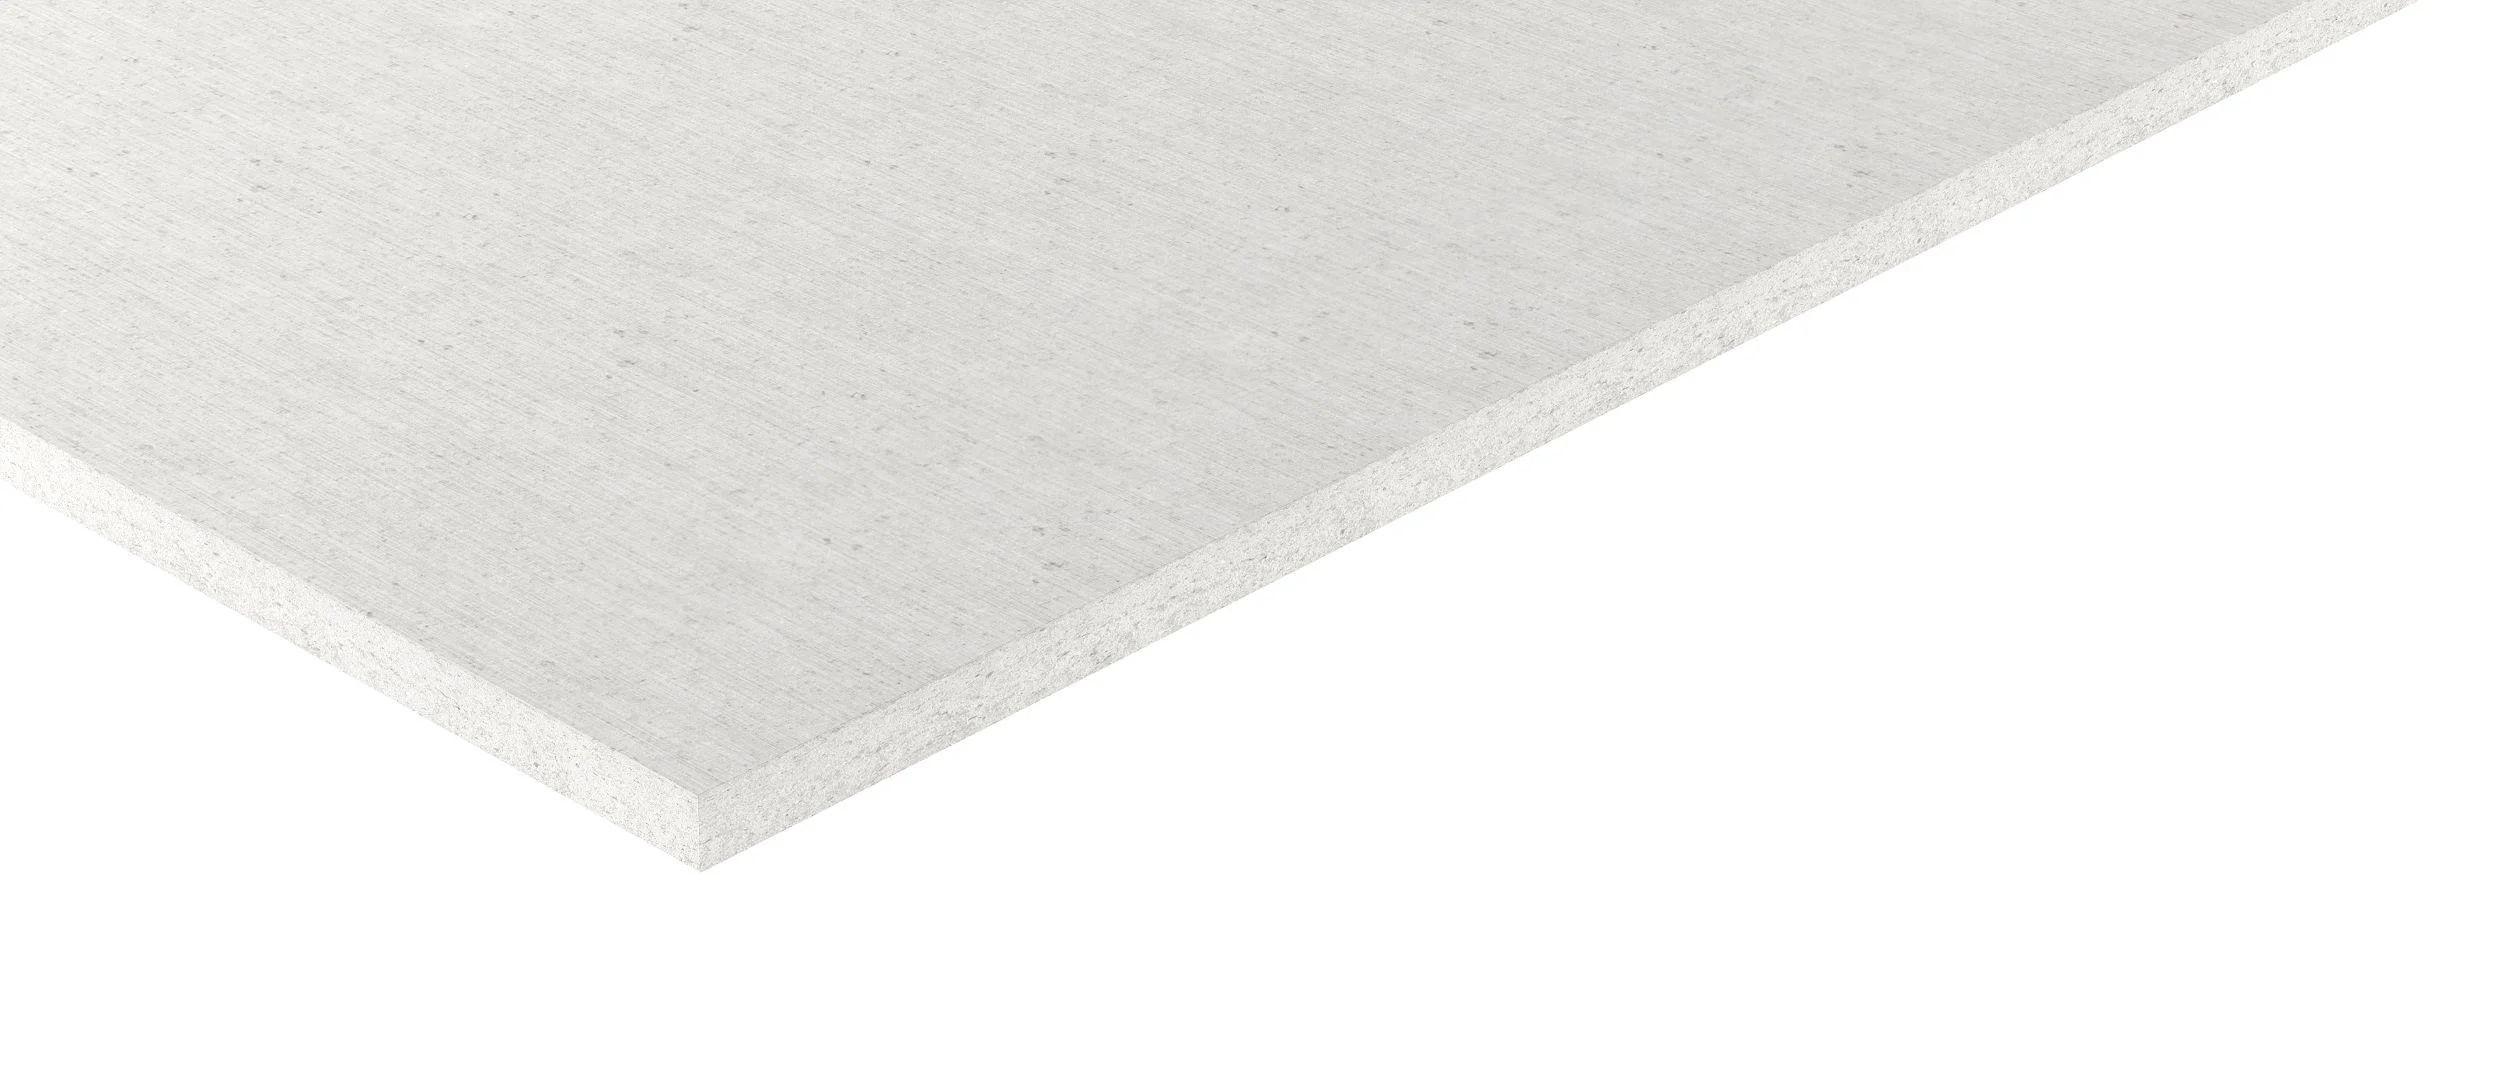 Plaque Fibres Gypse Ba 13 H 250 X L 120 Cm Hydro Feu Phonique Ce Fermacell Leroy Merlin